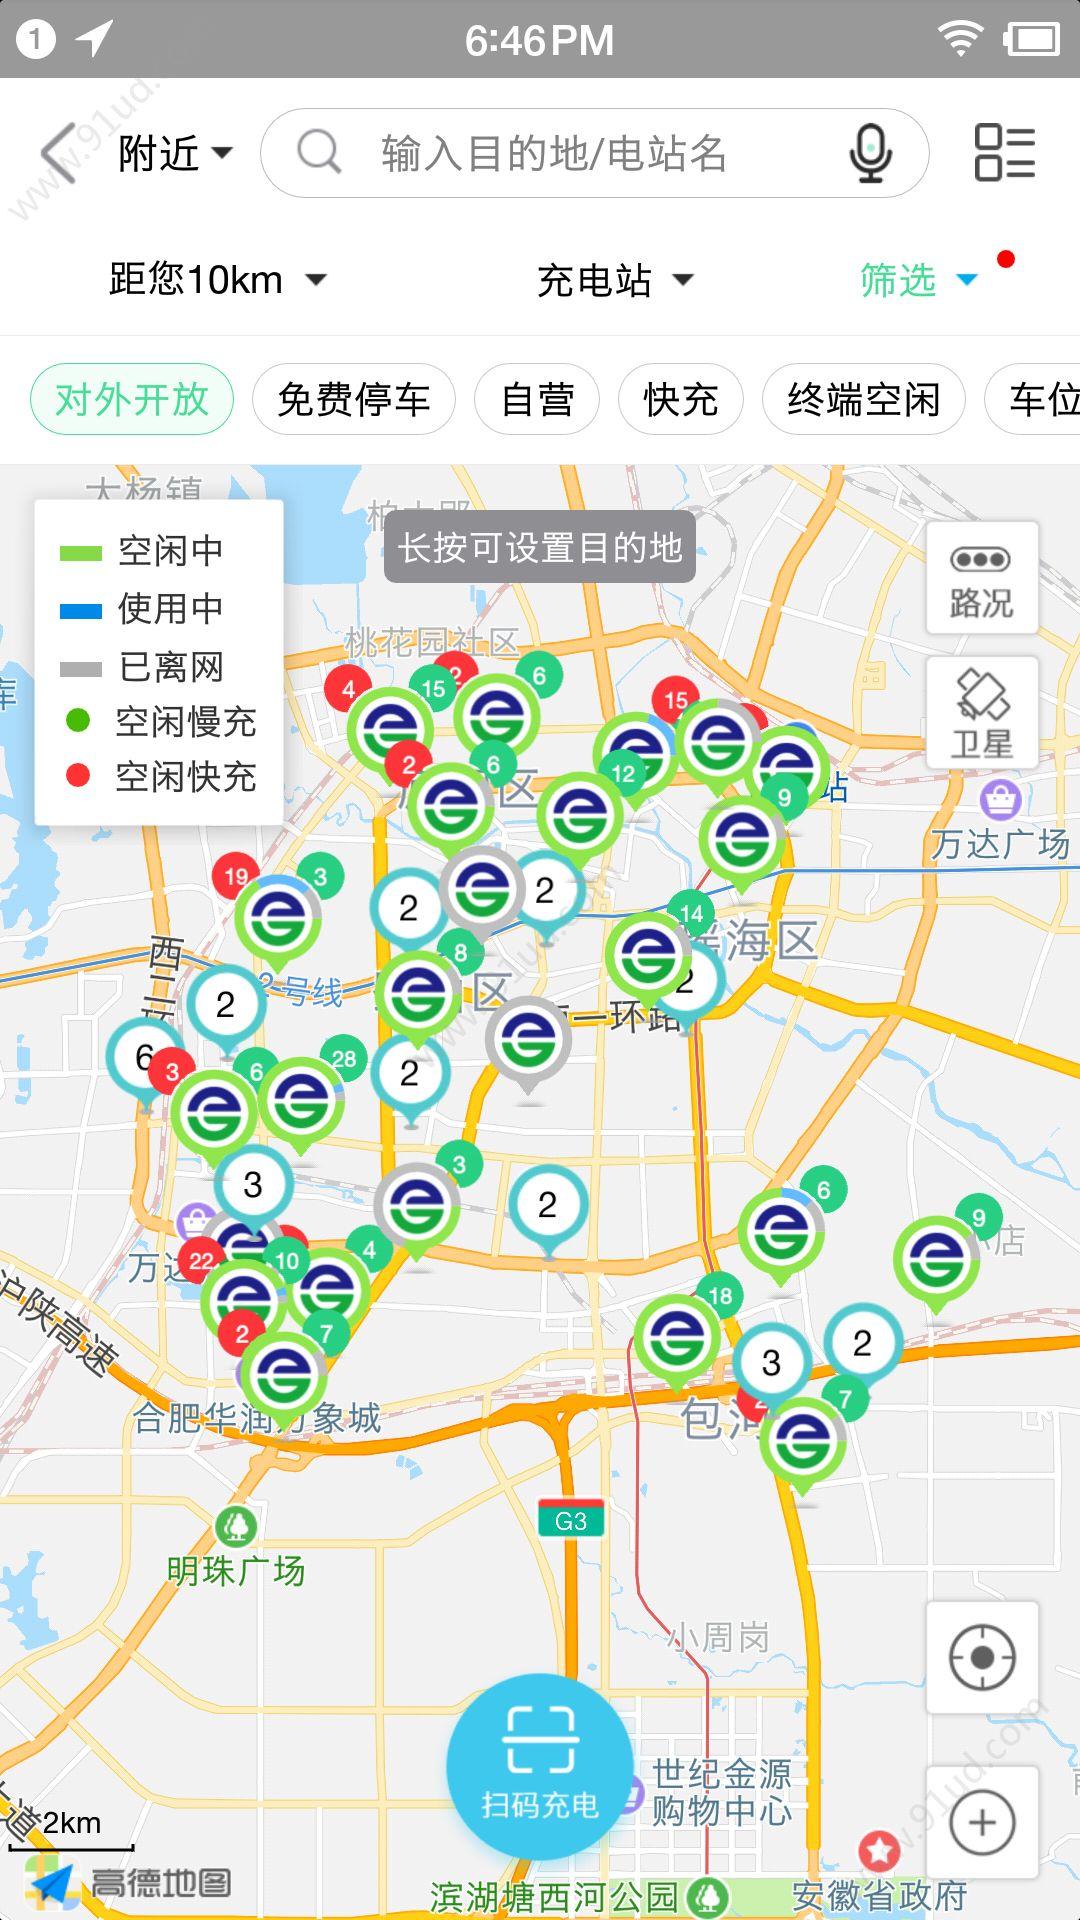 合肥充电app图1